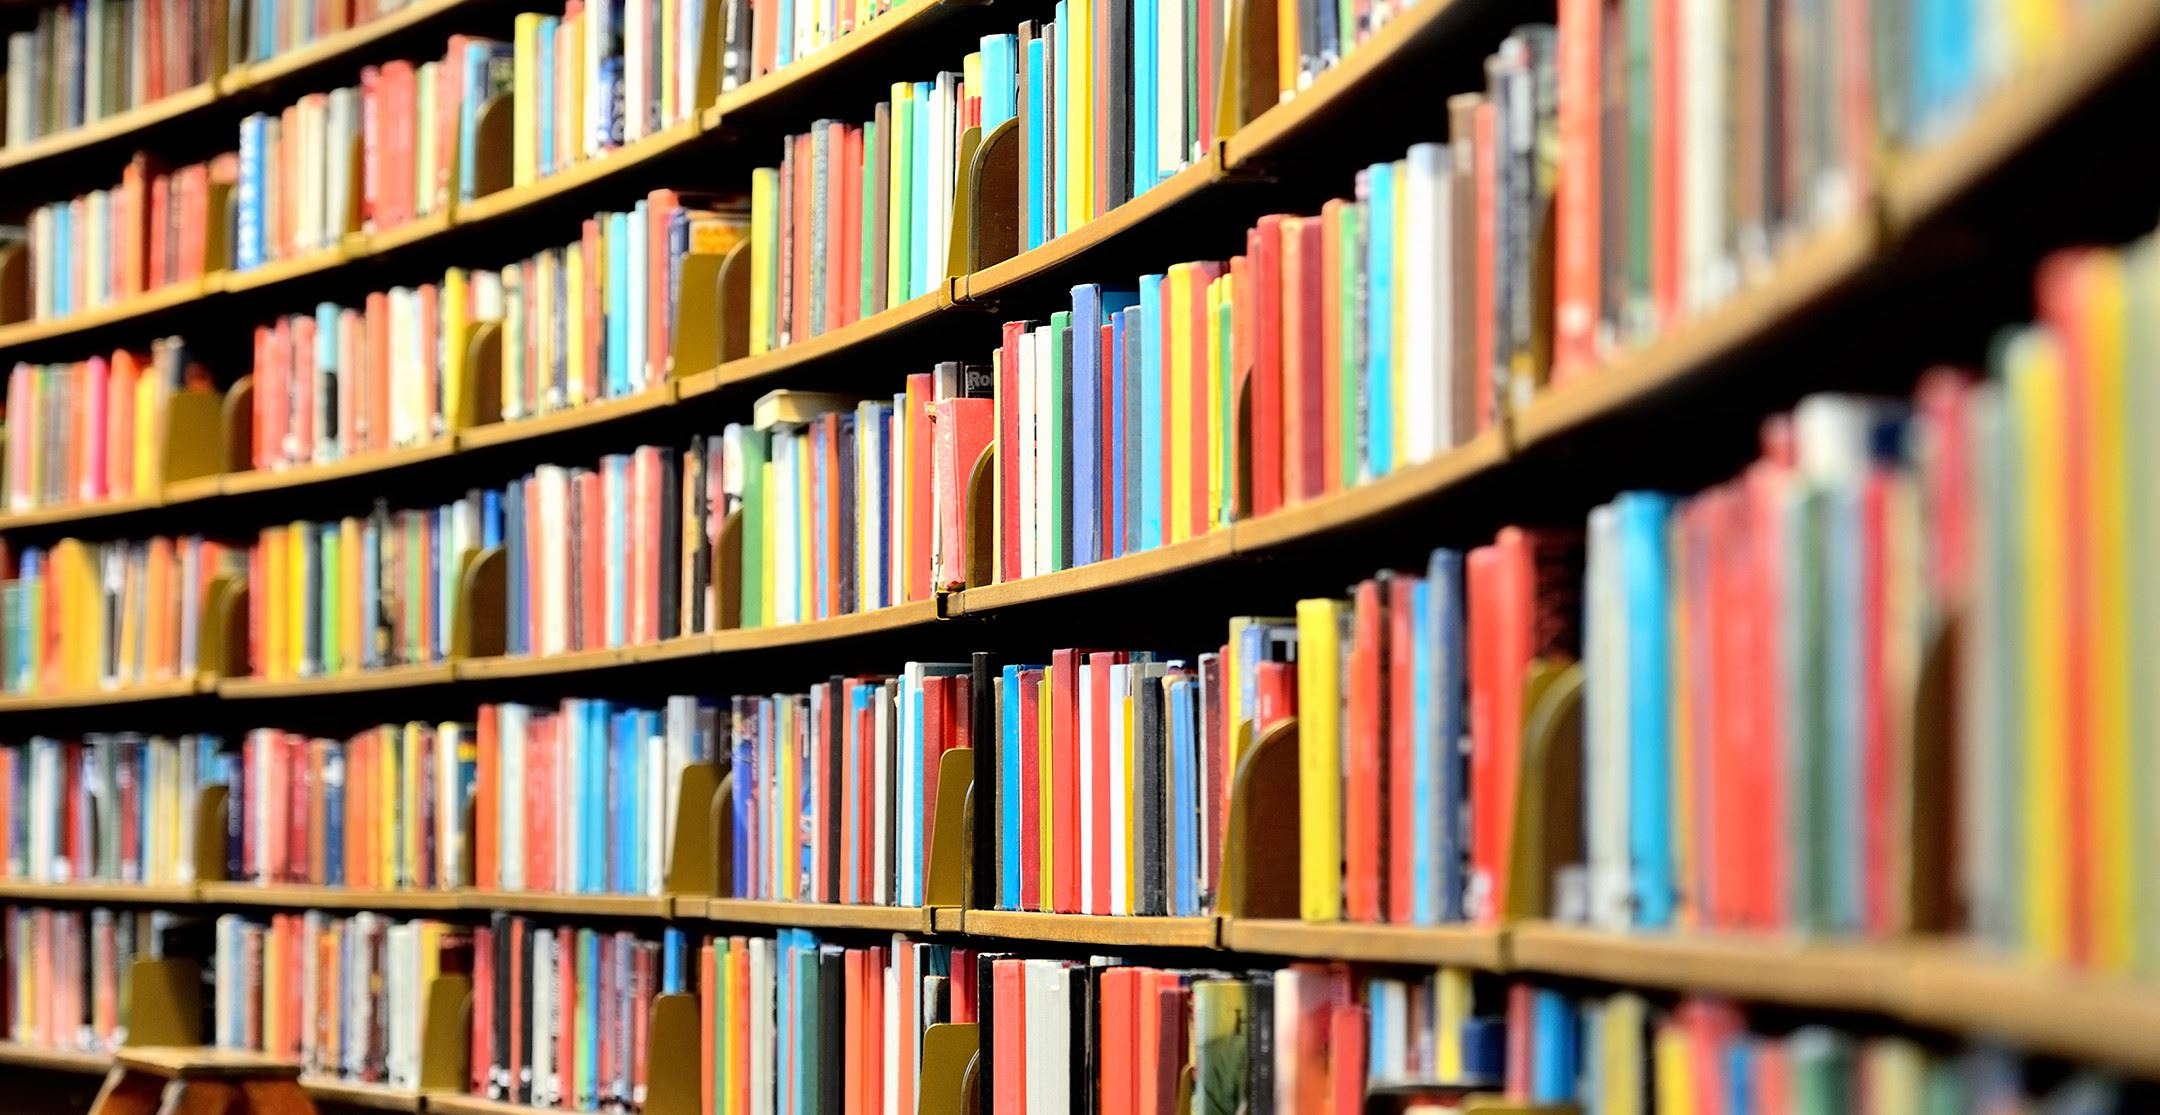 PEDRR PEDRR Virtual Library - PEDRR